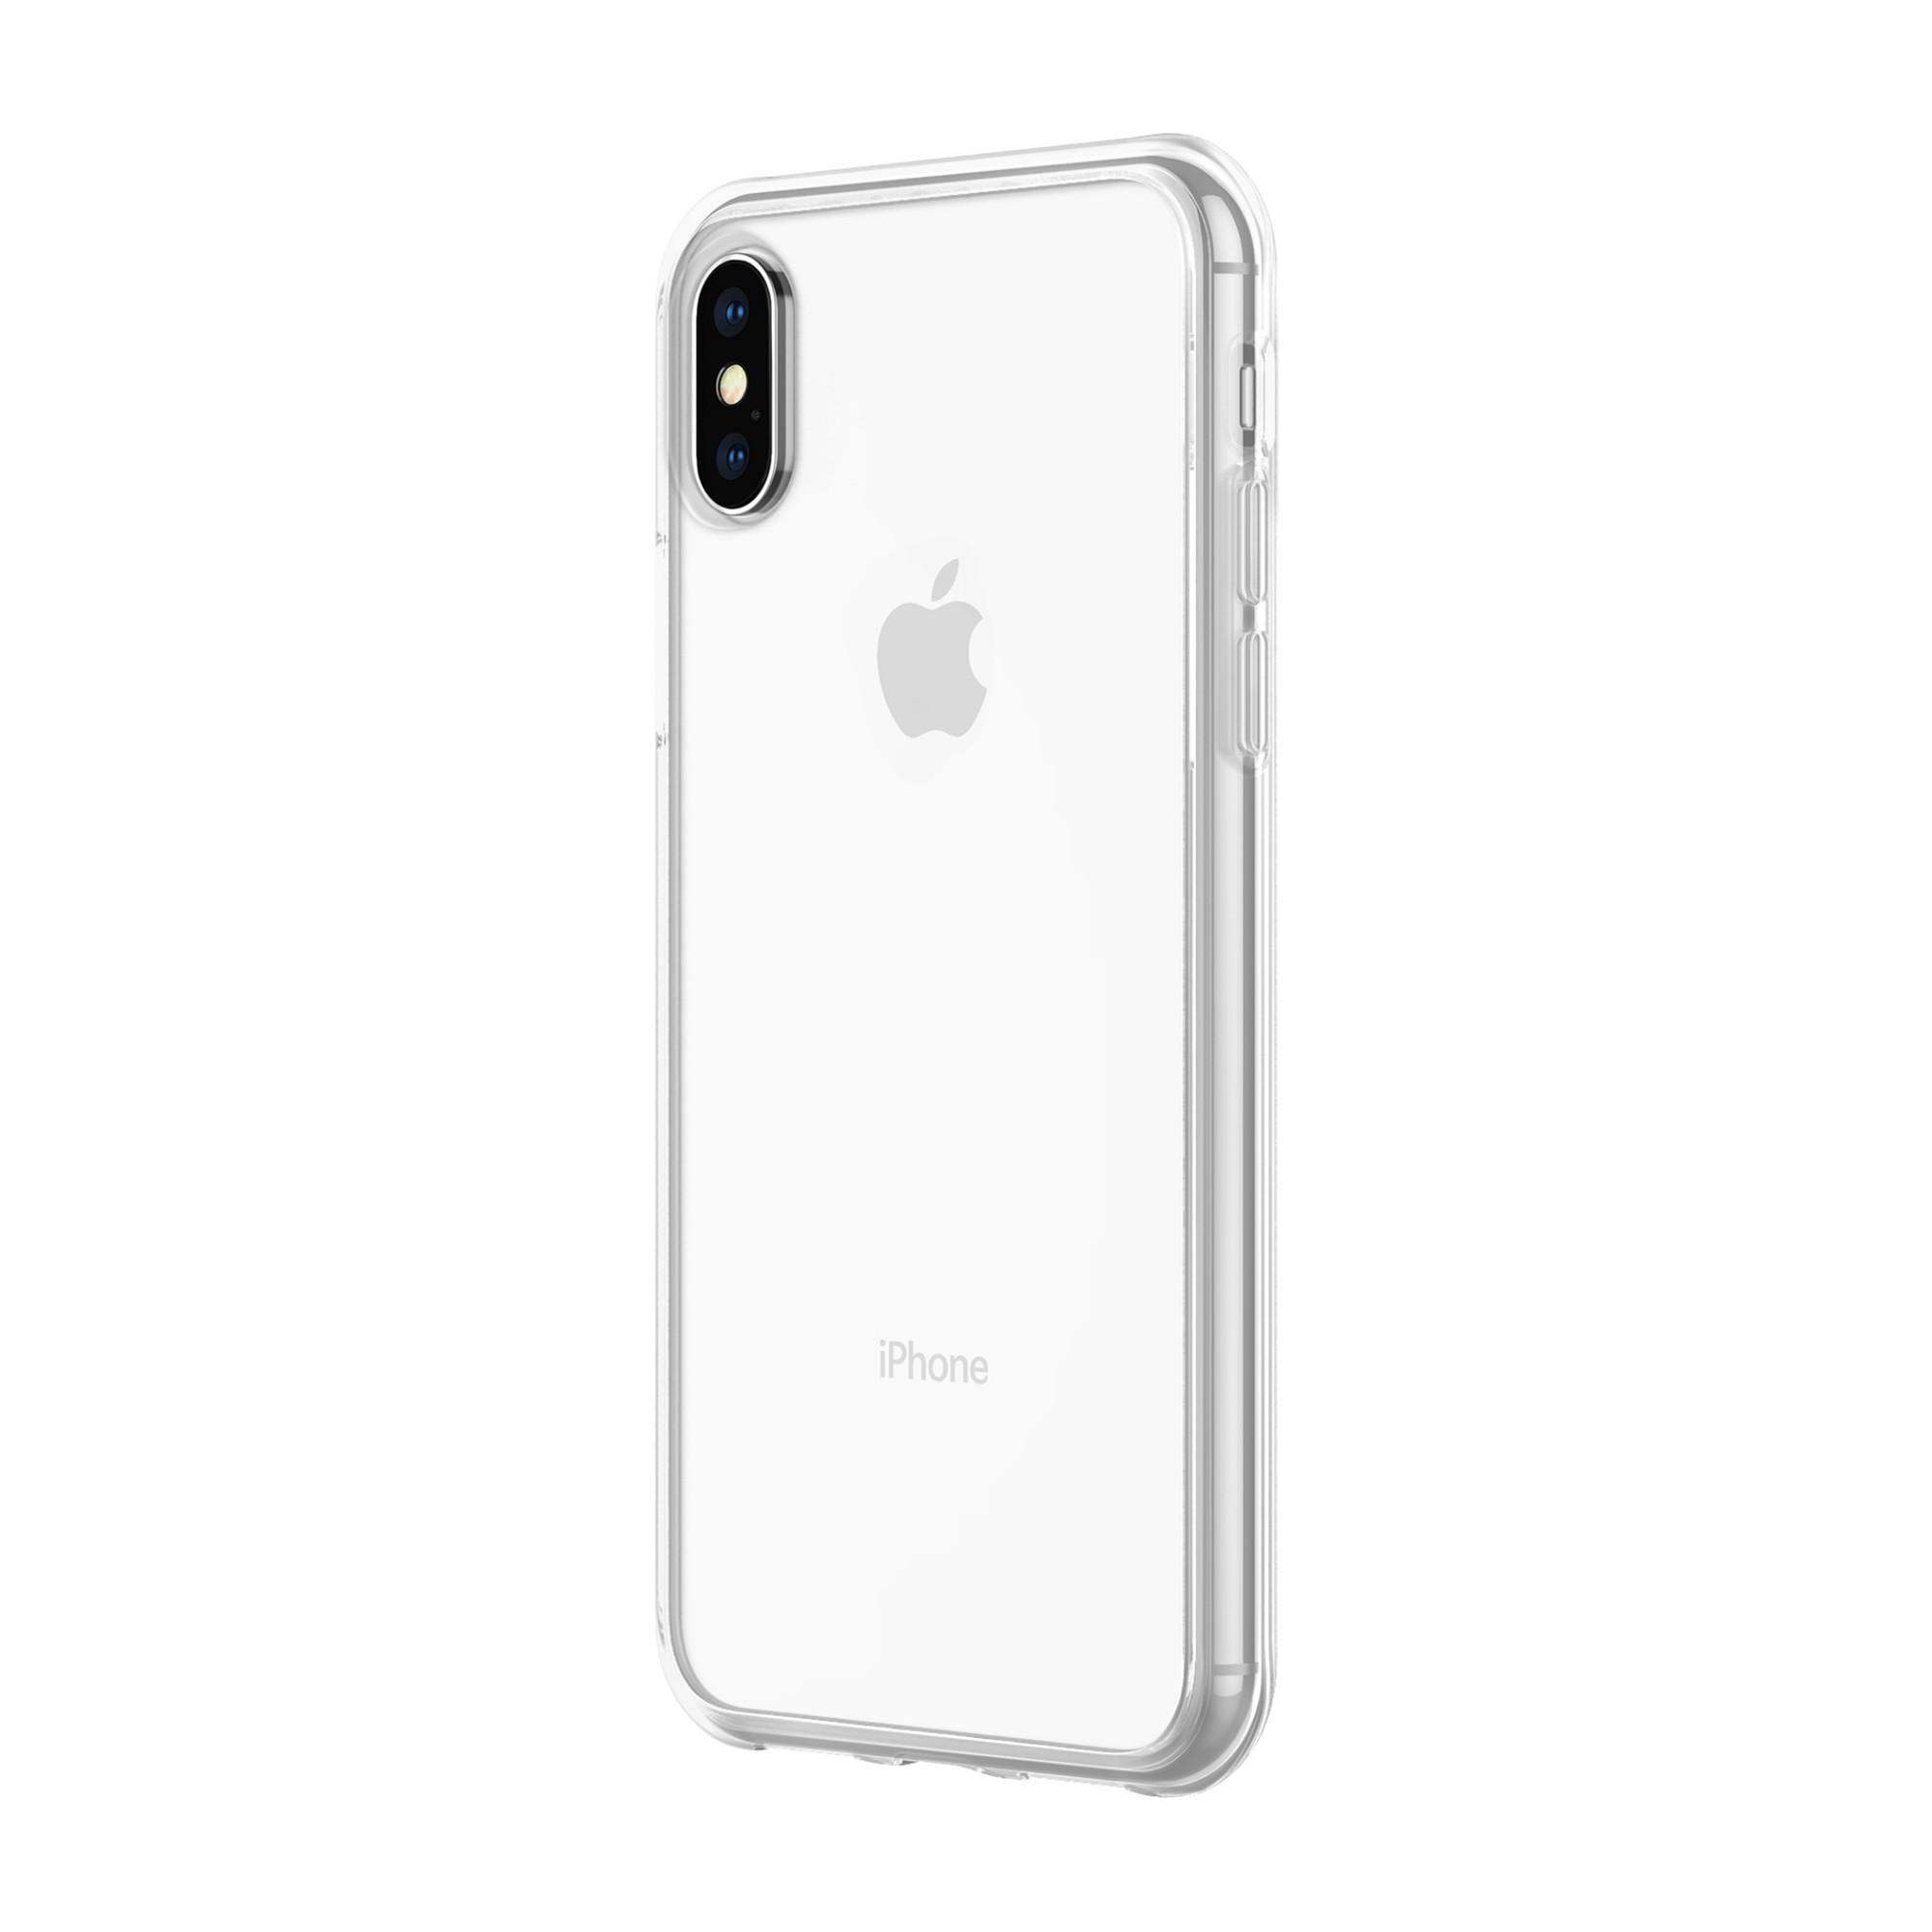 """Incipio Reveal mobile phone case 14.7 cm (5.8"""") Cover Transparent"""